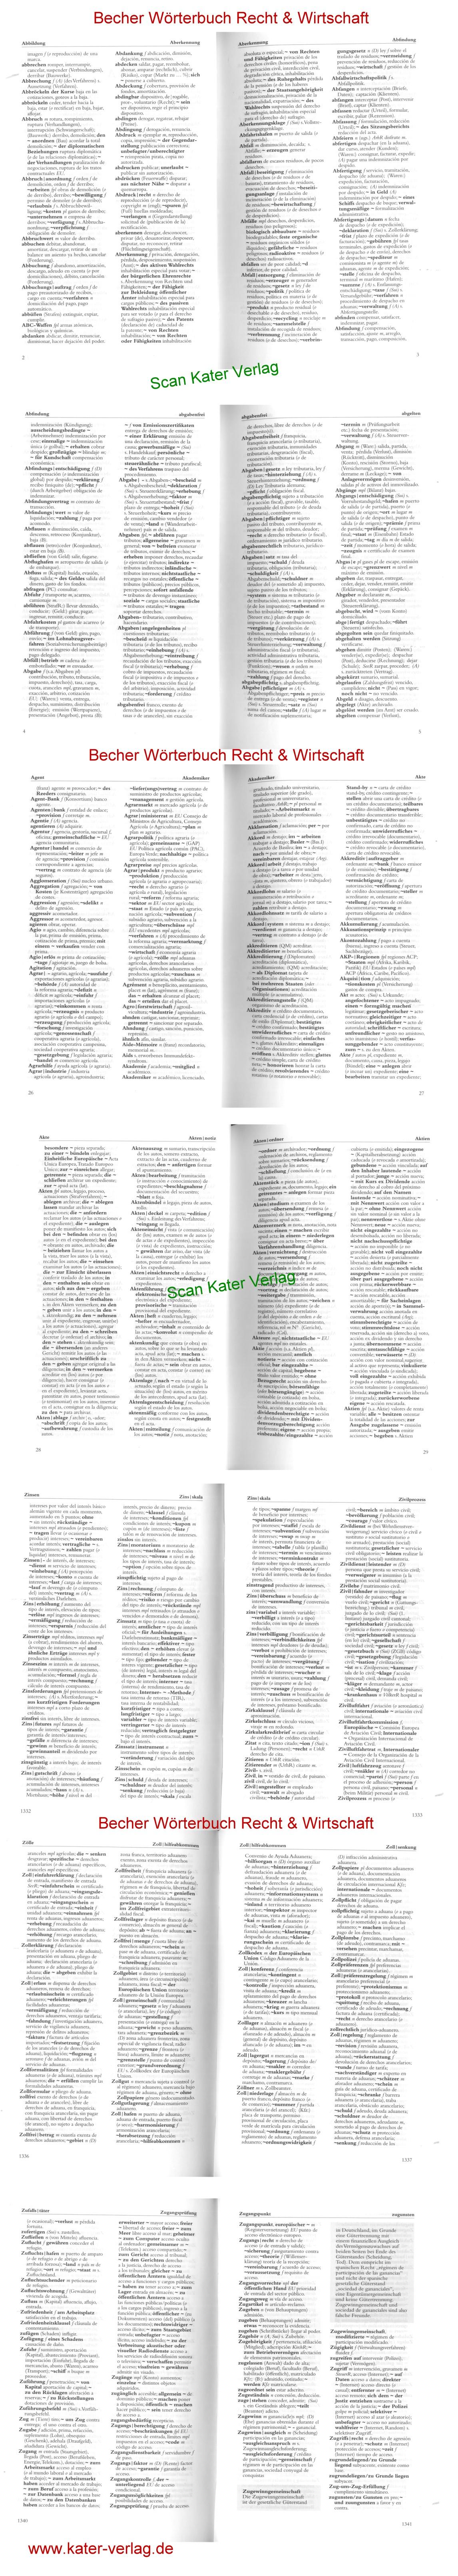 Becher: Wörterbuch Recht und Wirtschaft -Band II - DE-ES